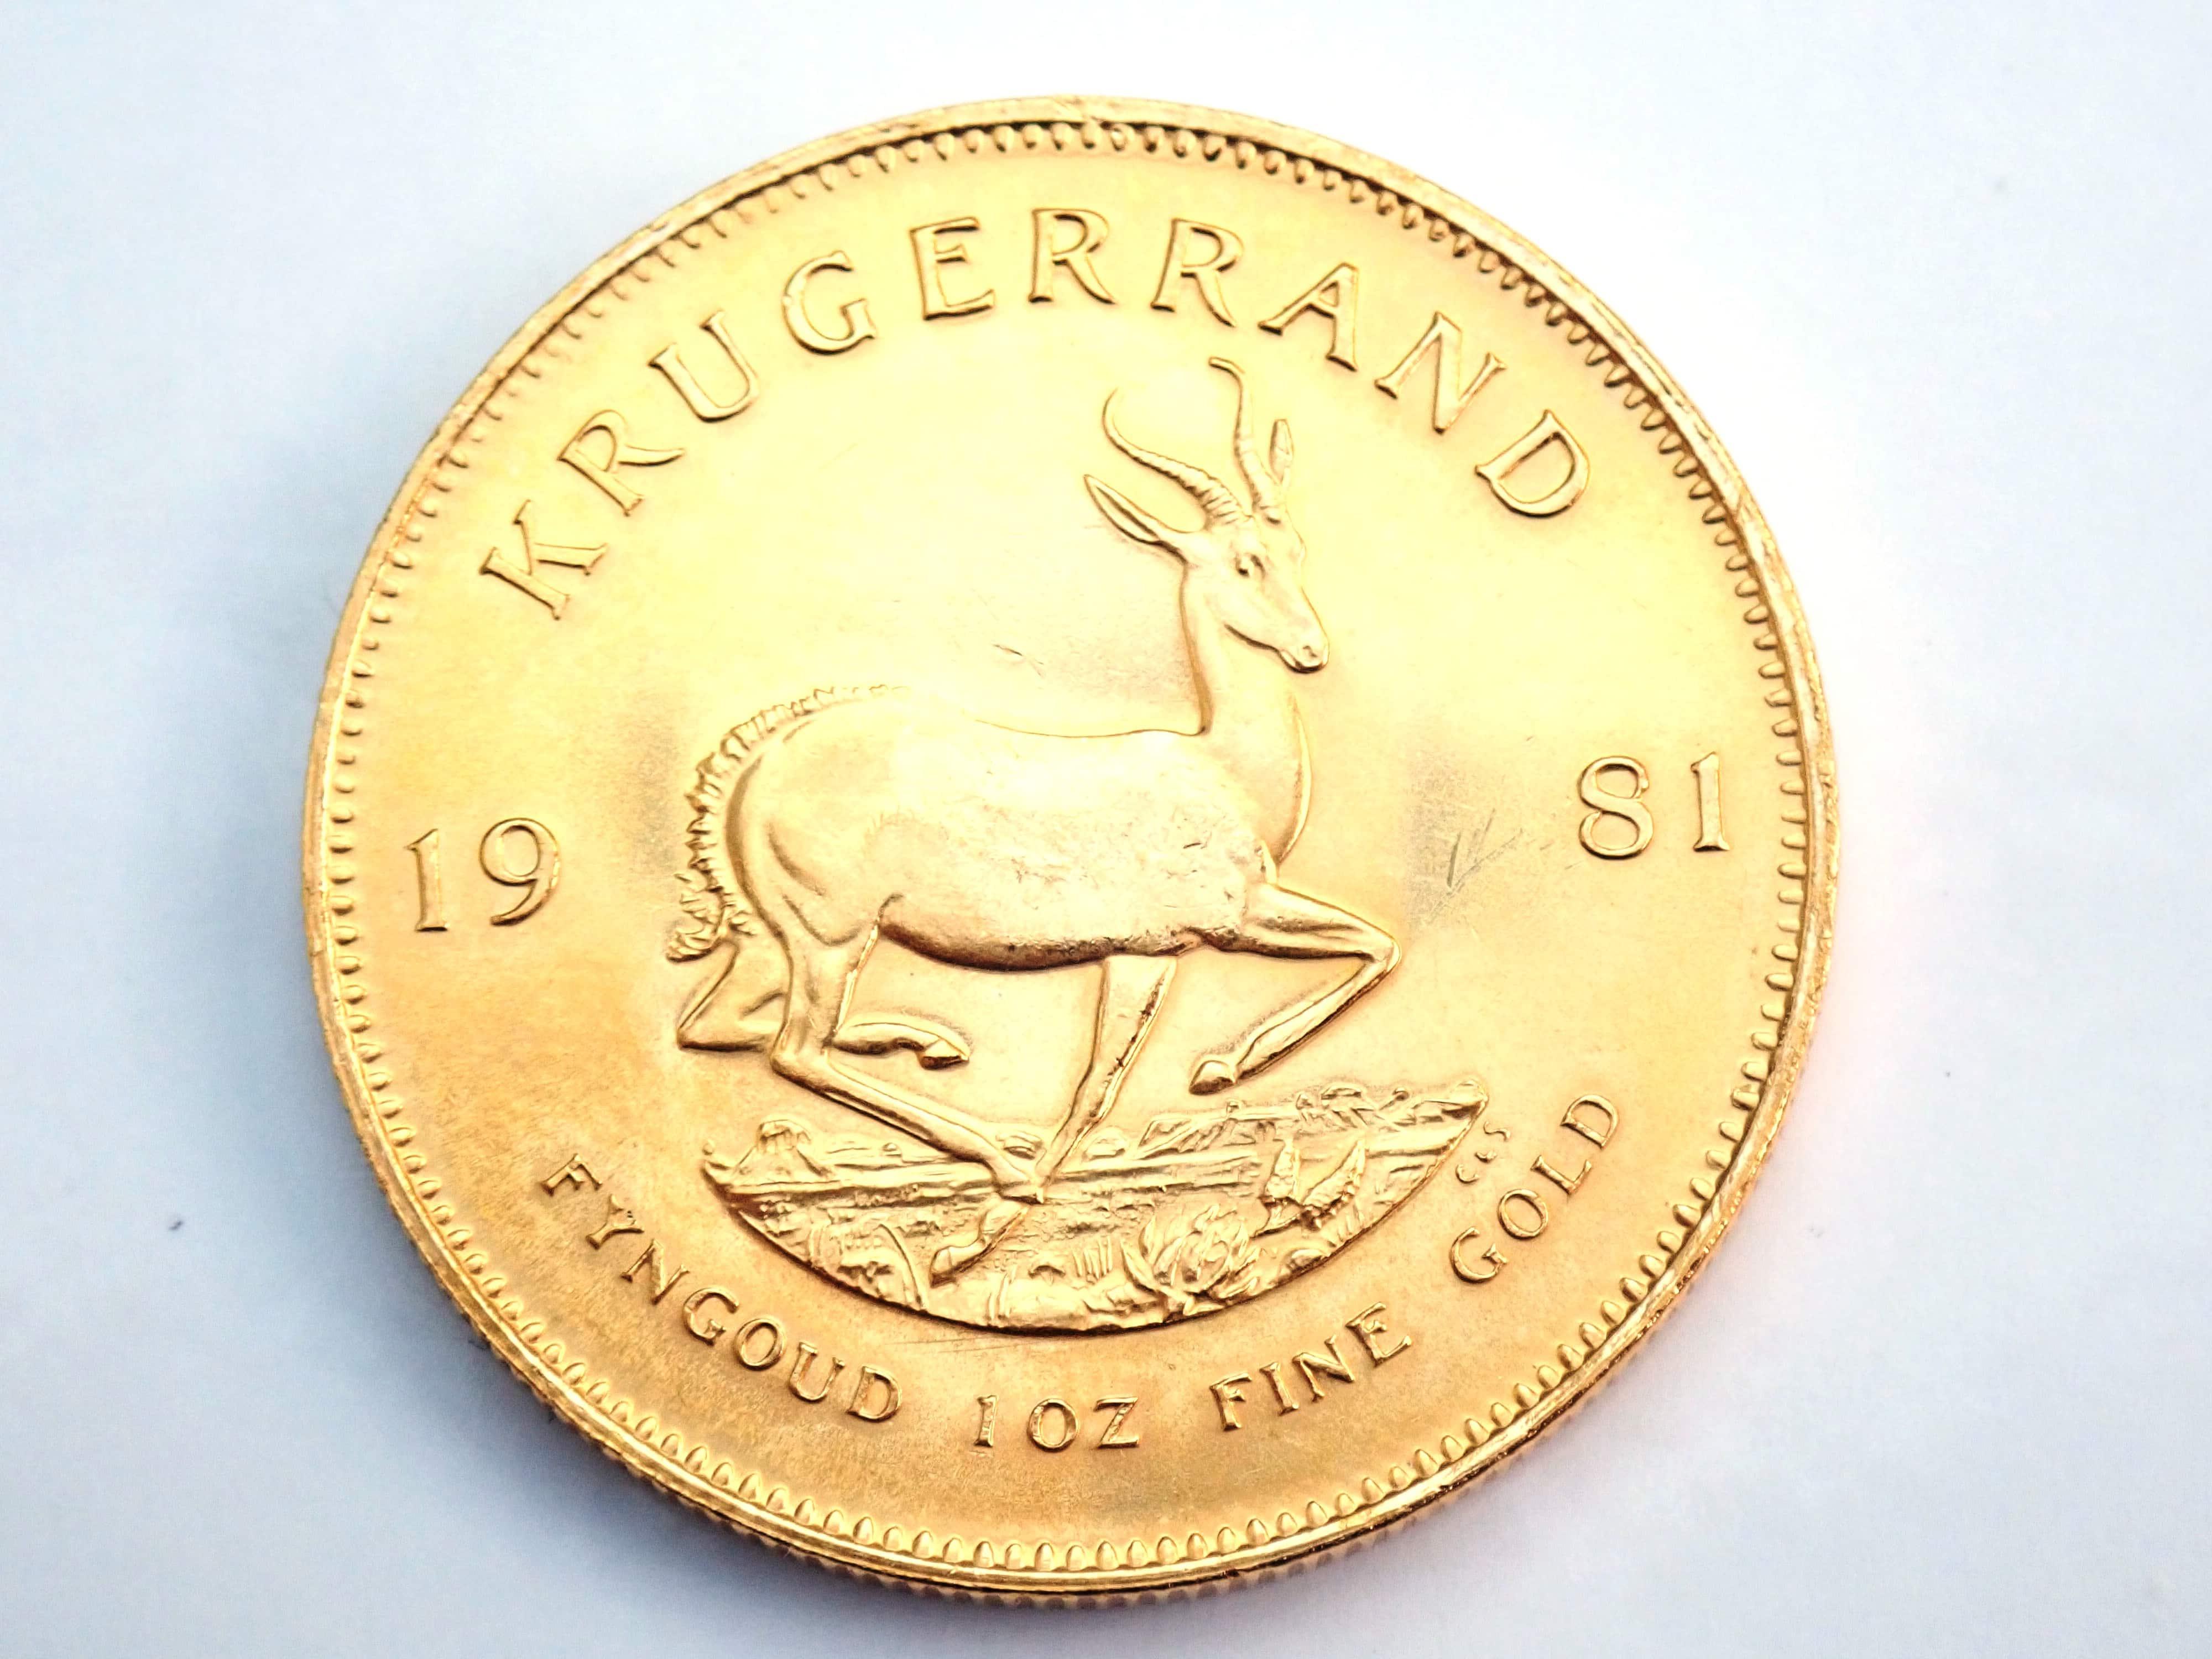 AA000800 1 - 1981 Gold 999.9 1oz South Africa Krugerrand Bullion Coin #0051